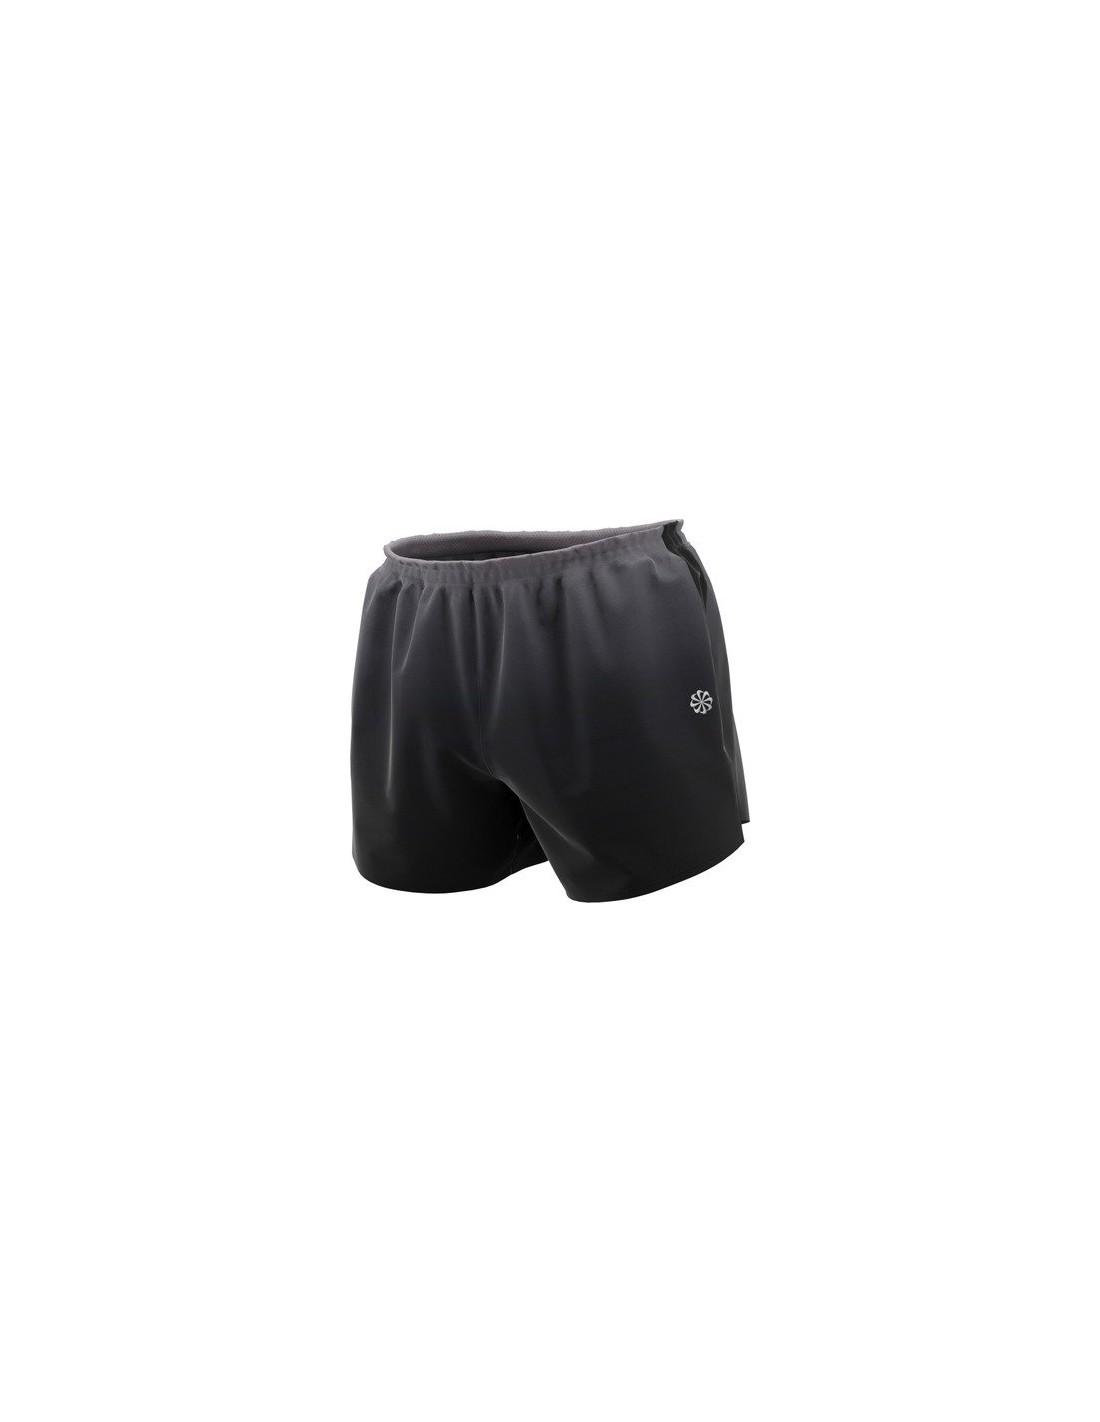 bc96e003 Piratbukser & Shorts Herrer Nike Challenger Shorts Herre AQ5056 ...